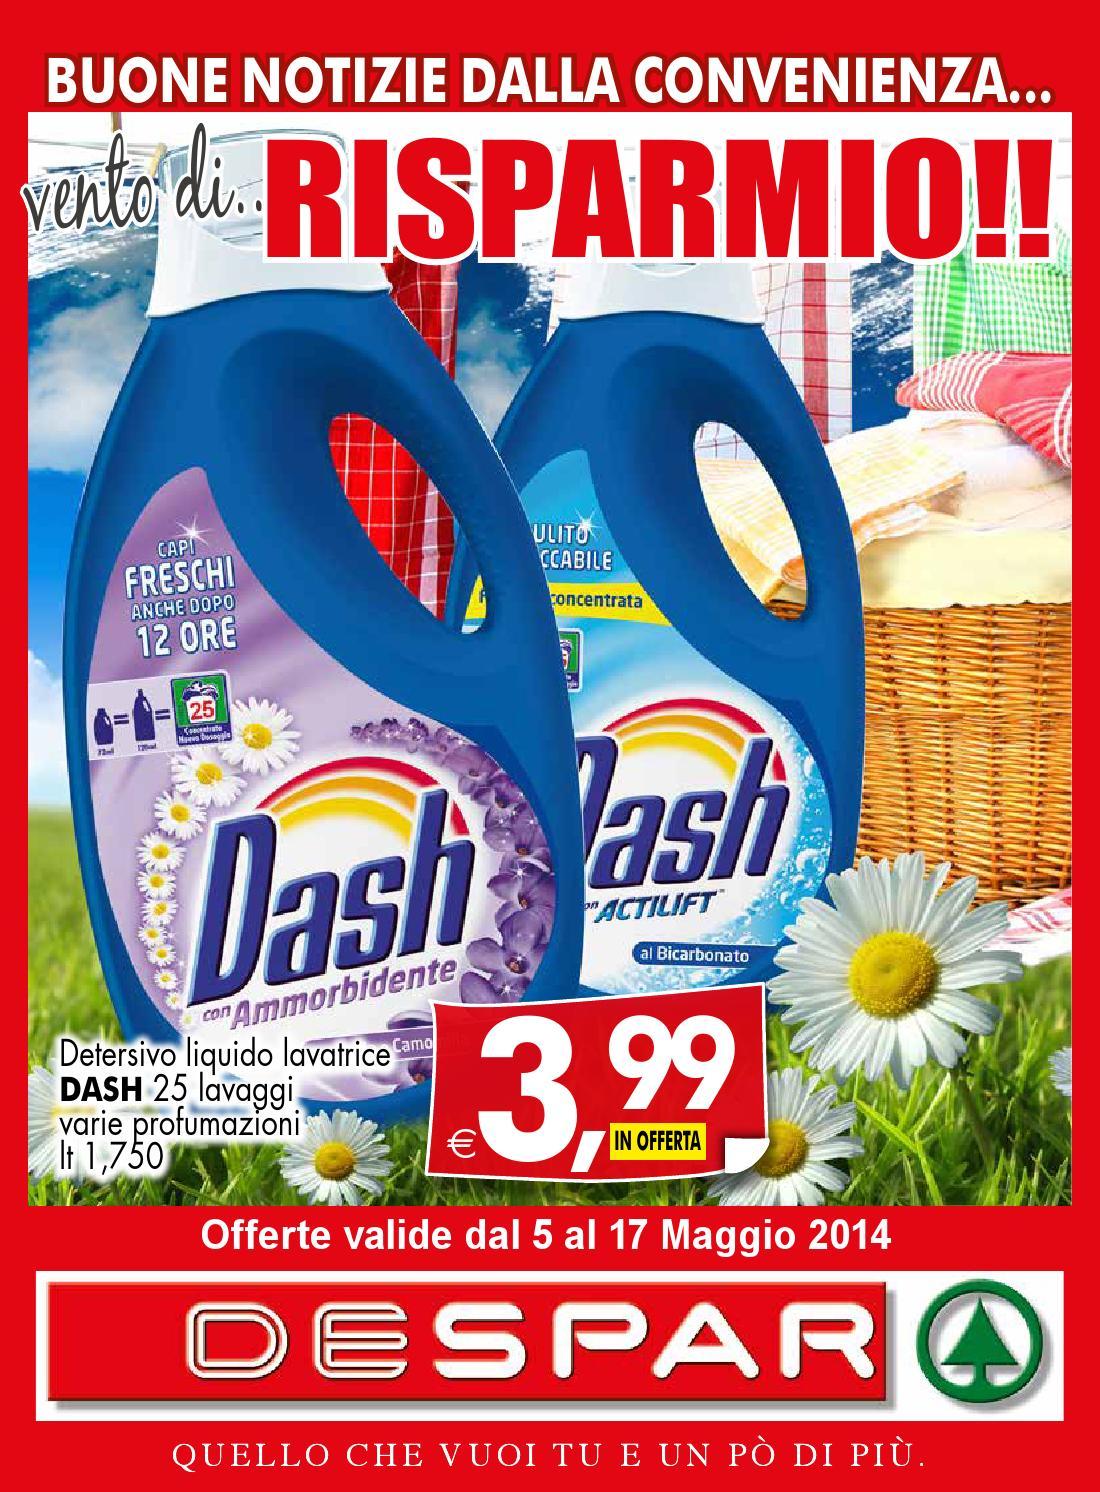 Volantino affiliati dal 5 al 17 maggio 2014 by despar for Volantino offerte despar messina